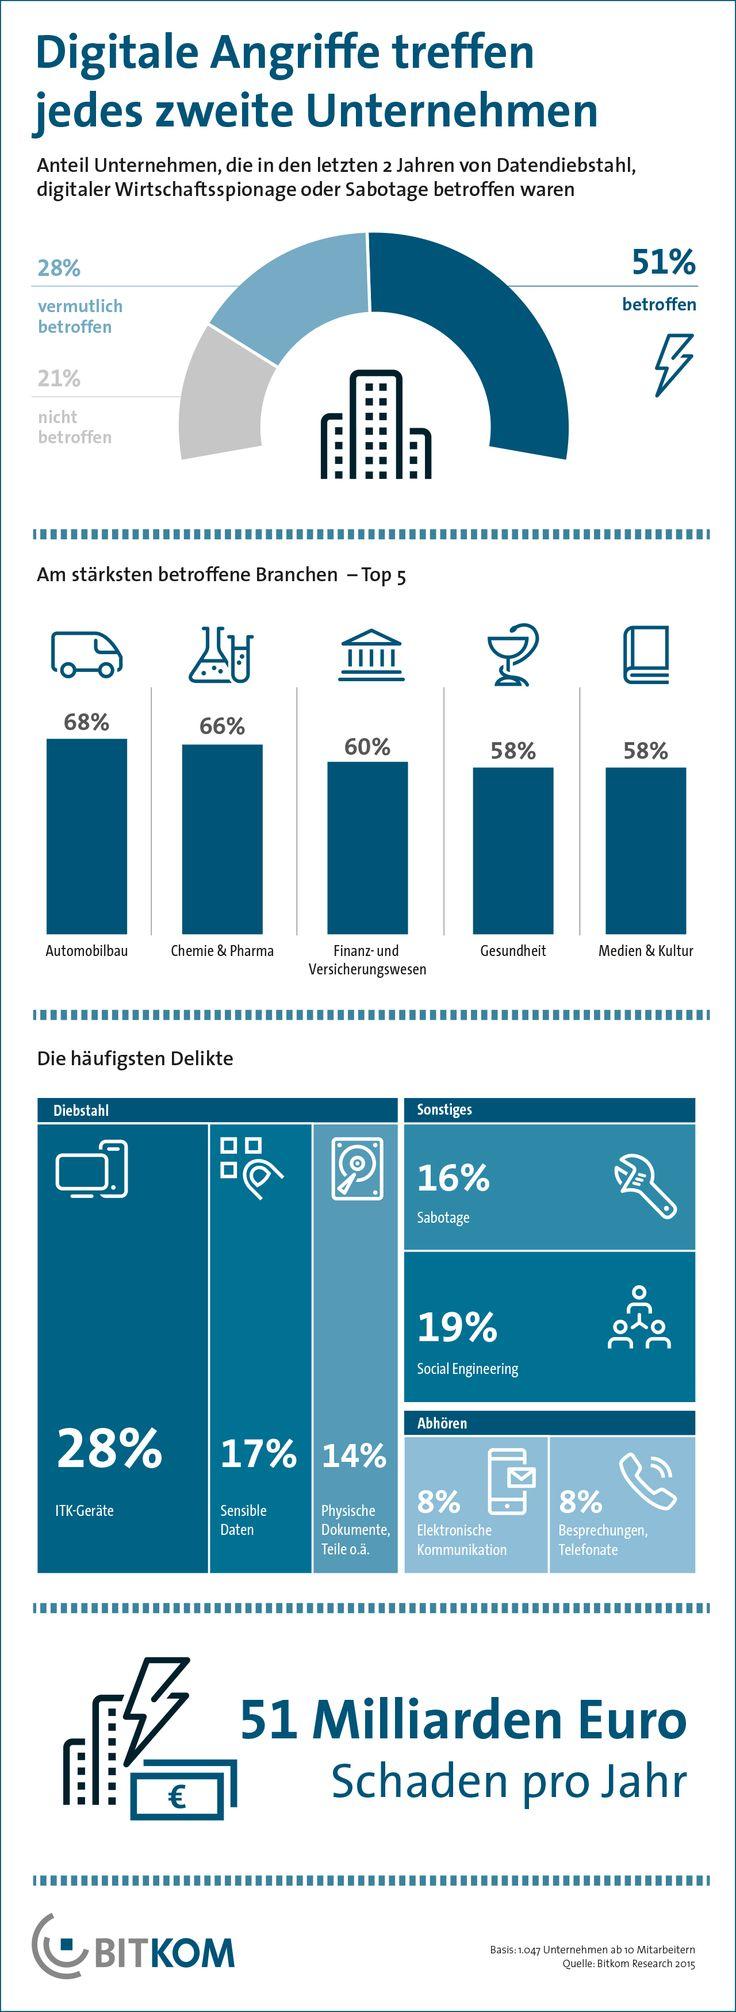 Gut die Hälfte (51 Prozent) aller Unternehmen in Deutschland ist in den vergangenen zwei Jahren Opfer von digitaler Wirtschaftsspionage, Sabotage oder Datendiebstahl geworden. Das hat eine Studie des Digitalverbands BITKOM ergeben.